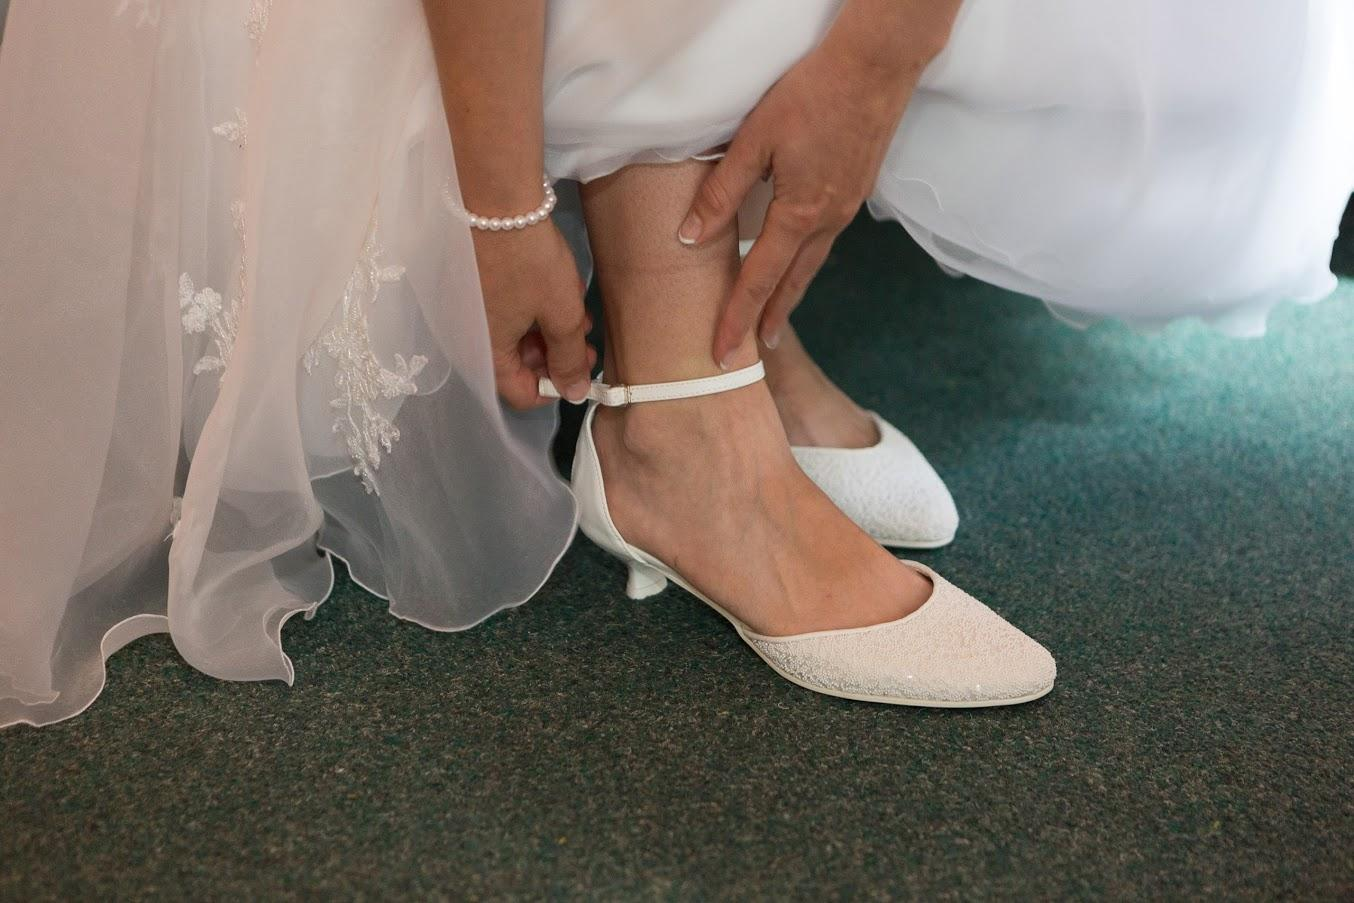 Bílé střevíčky s perličkami, vel. 39, nízký podpatek - Obrázek č. 1